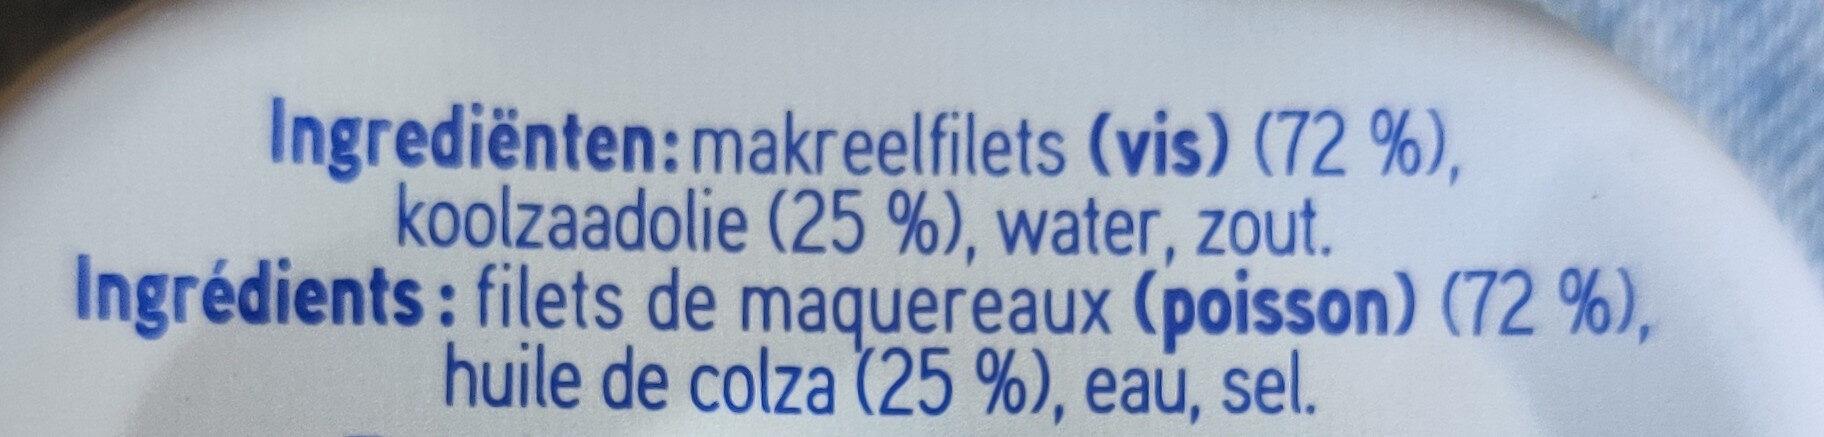 Filets de maquereaux à huile de colza - Ingredients